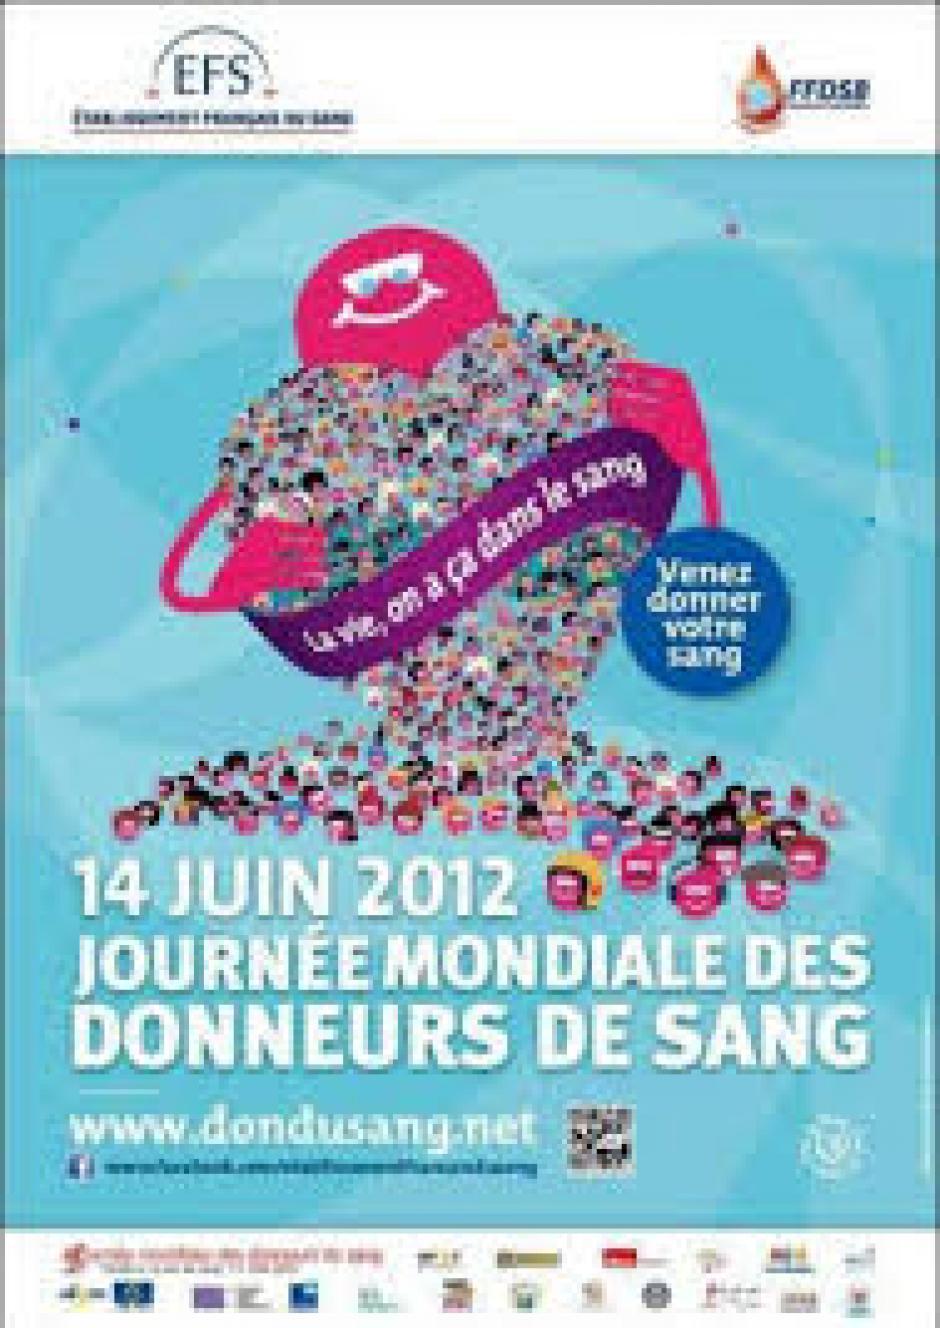 14 juin journée mondiale des donneurs de sang, la reconnaissance par l'OMS du modèle éthique du système transfusionnel français